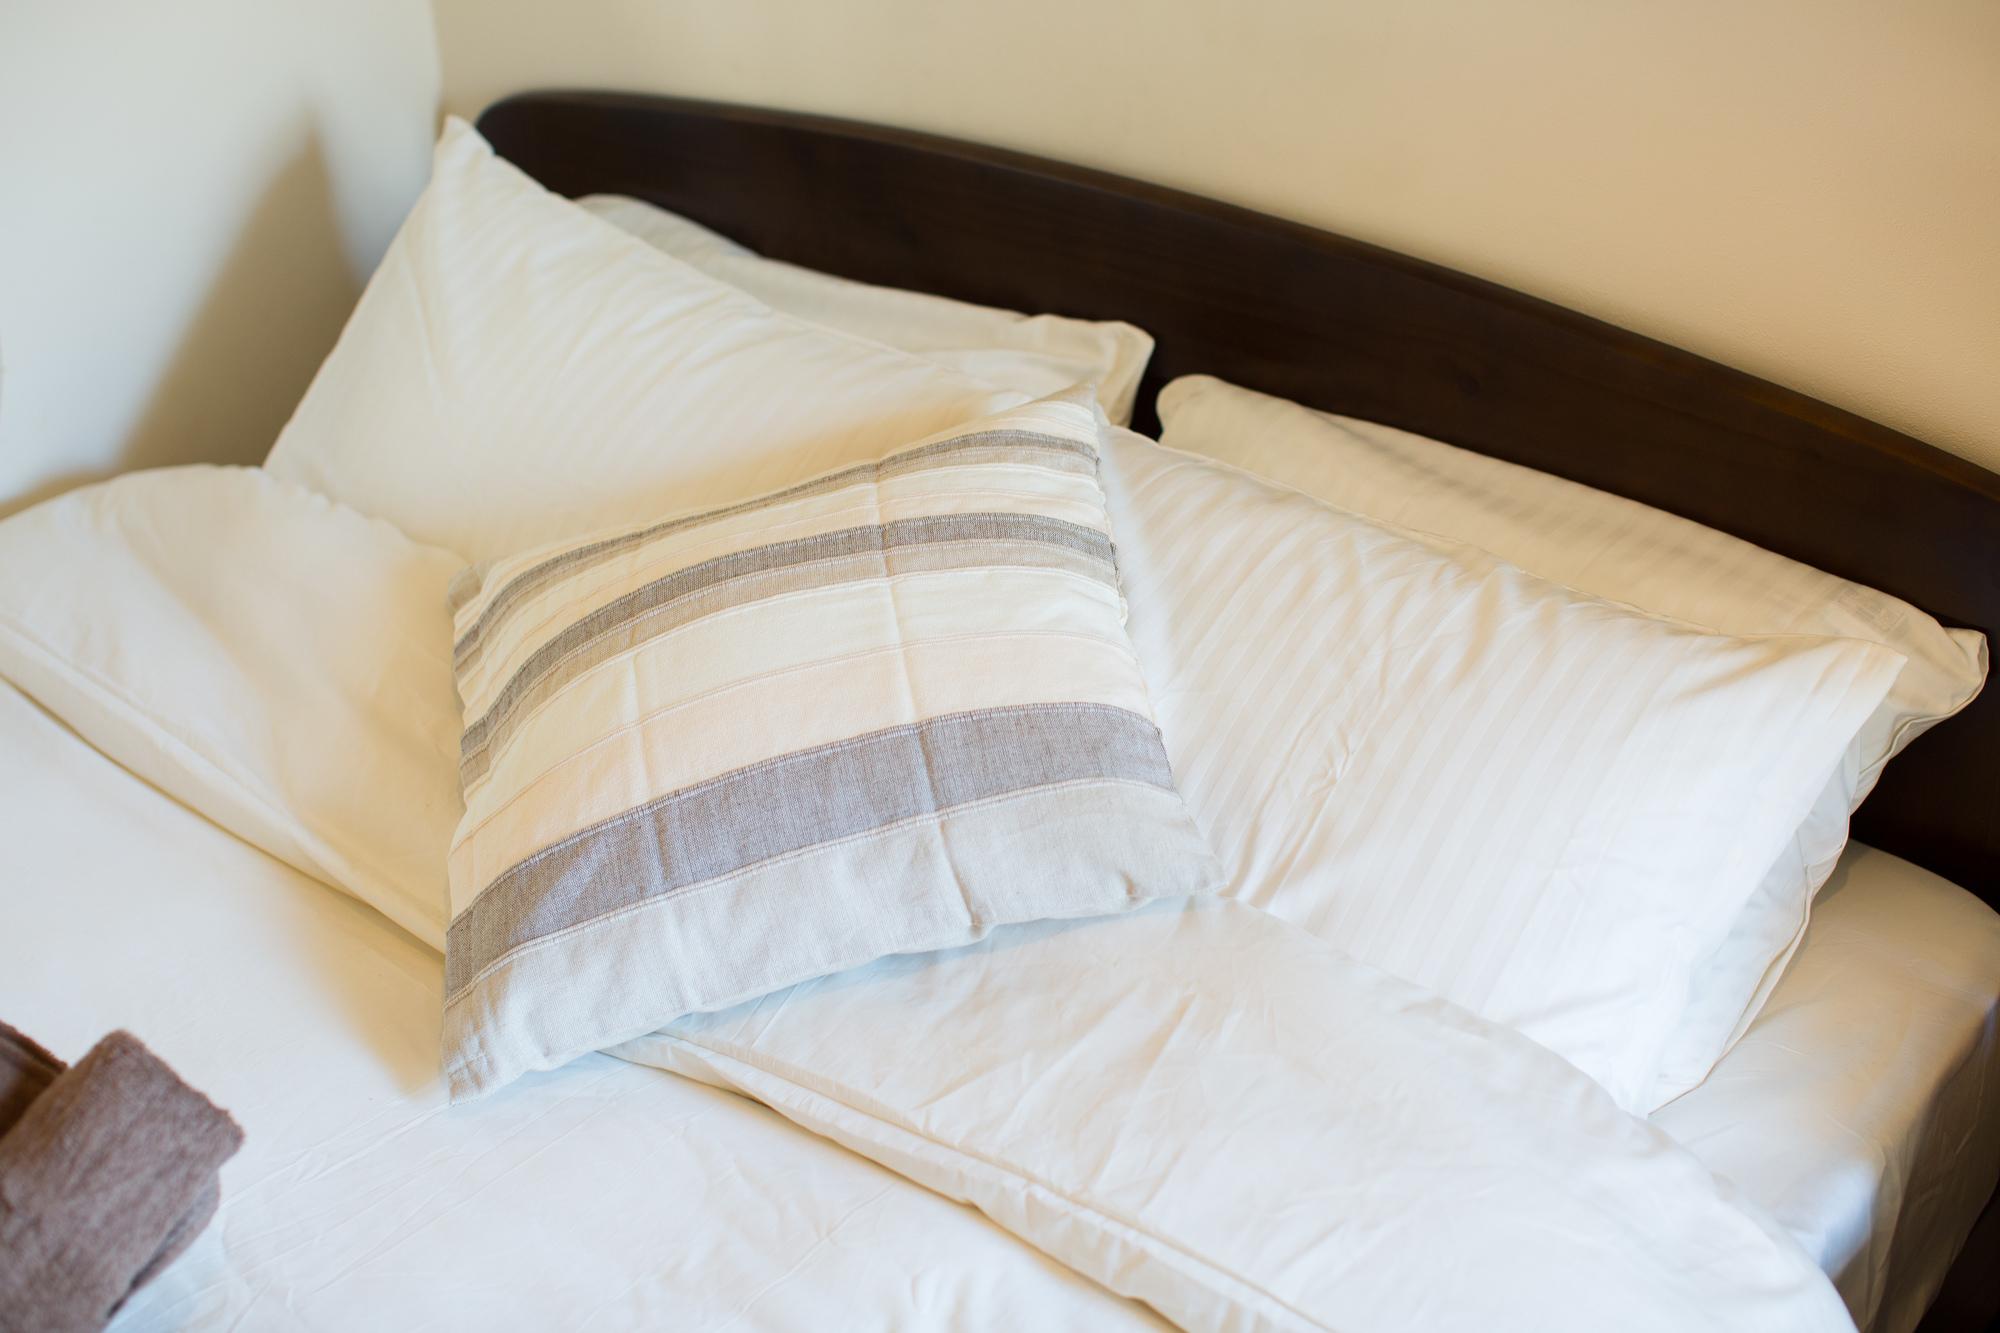 さっぱり清潔な布団で快適な睡眠を! 自宅で布団を洗う方法